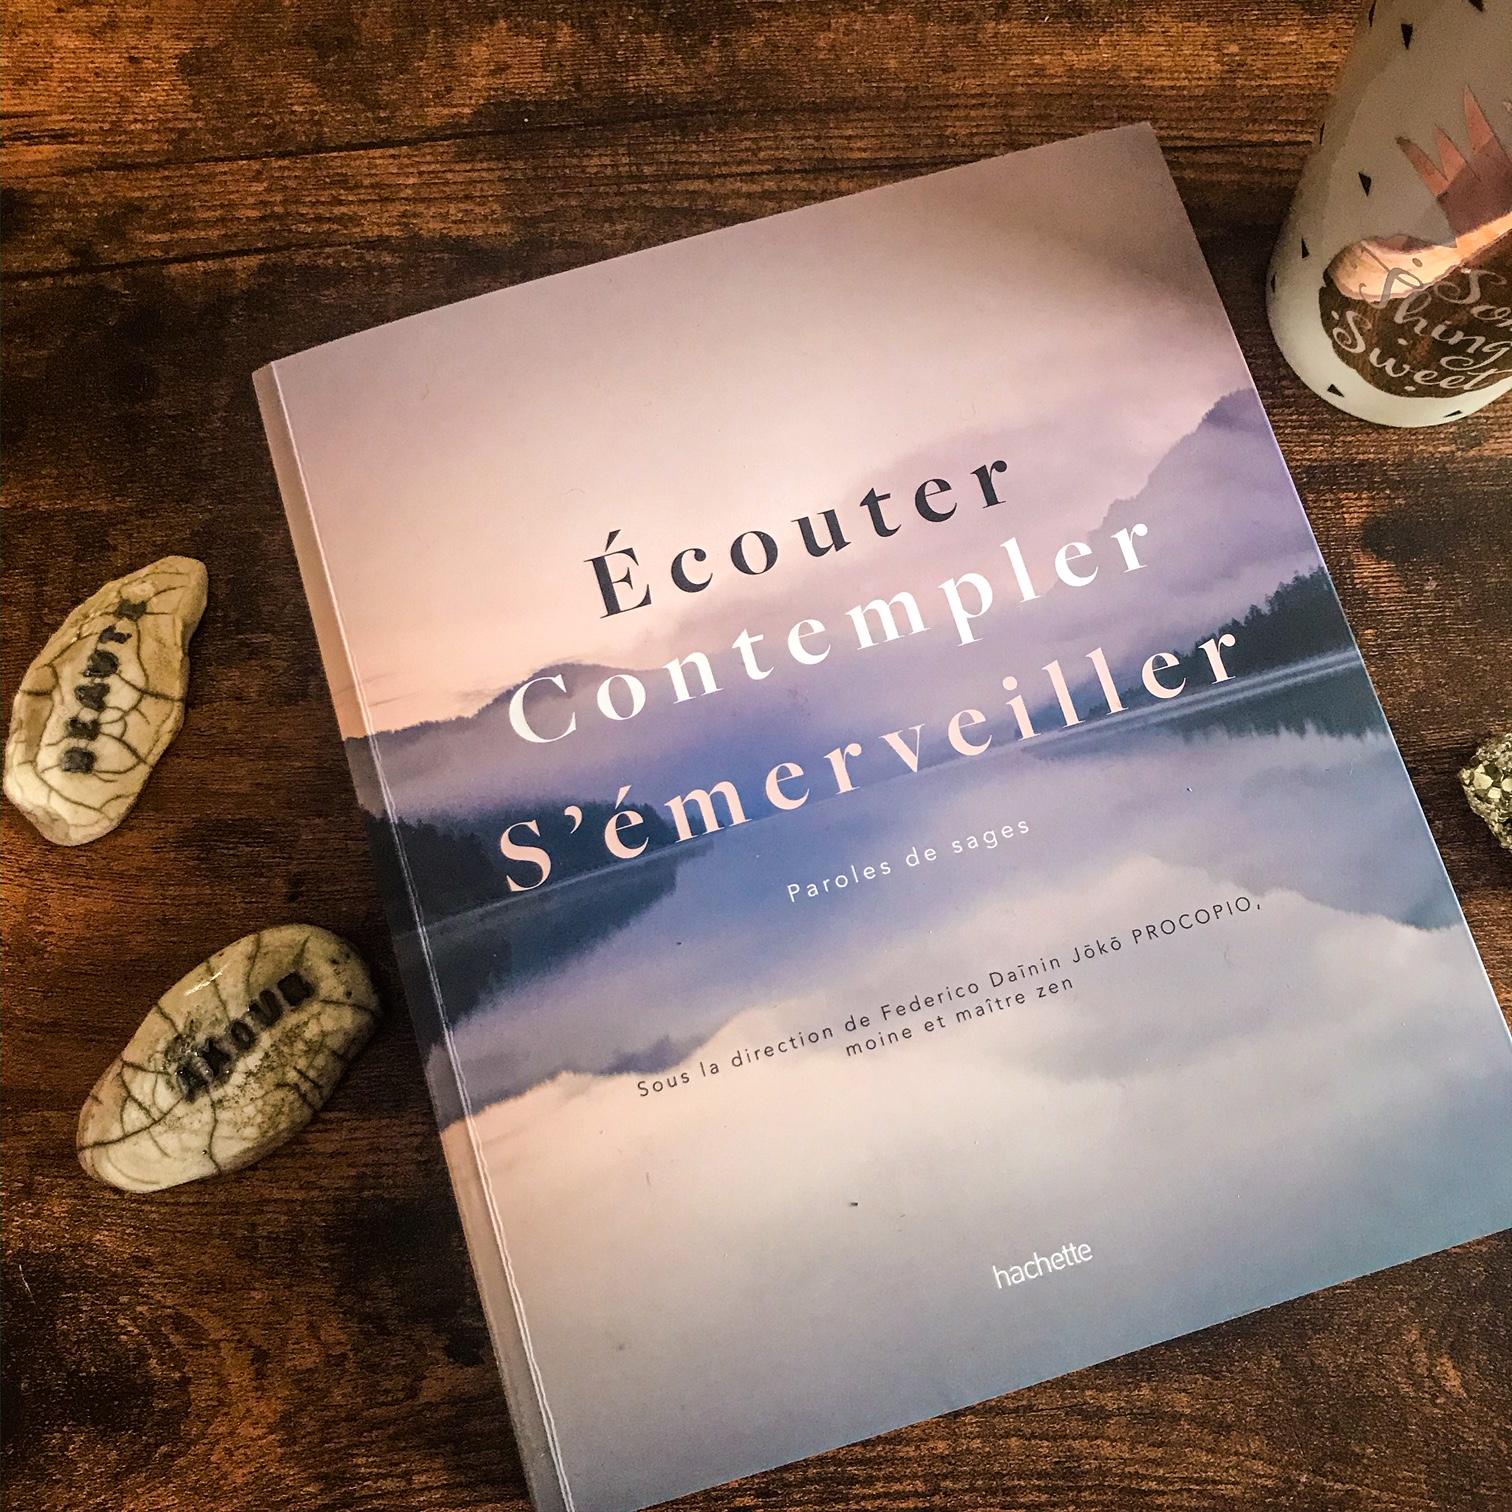 Ecouter, contempler, s'émerveiller, de Frederico Daīnin Jōkō Procopio et alii : l'âme du monde